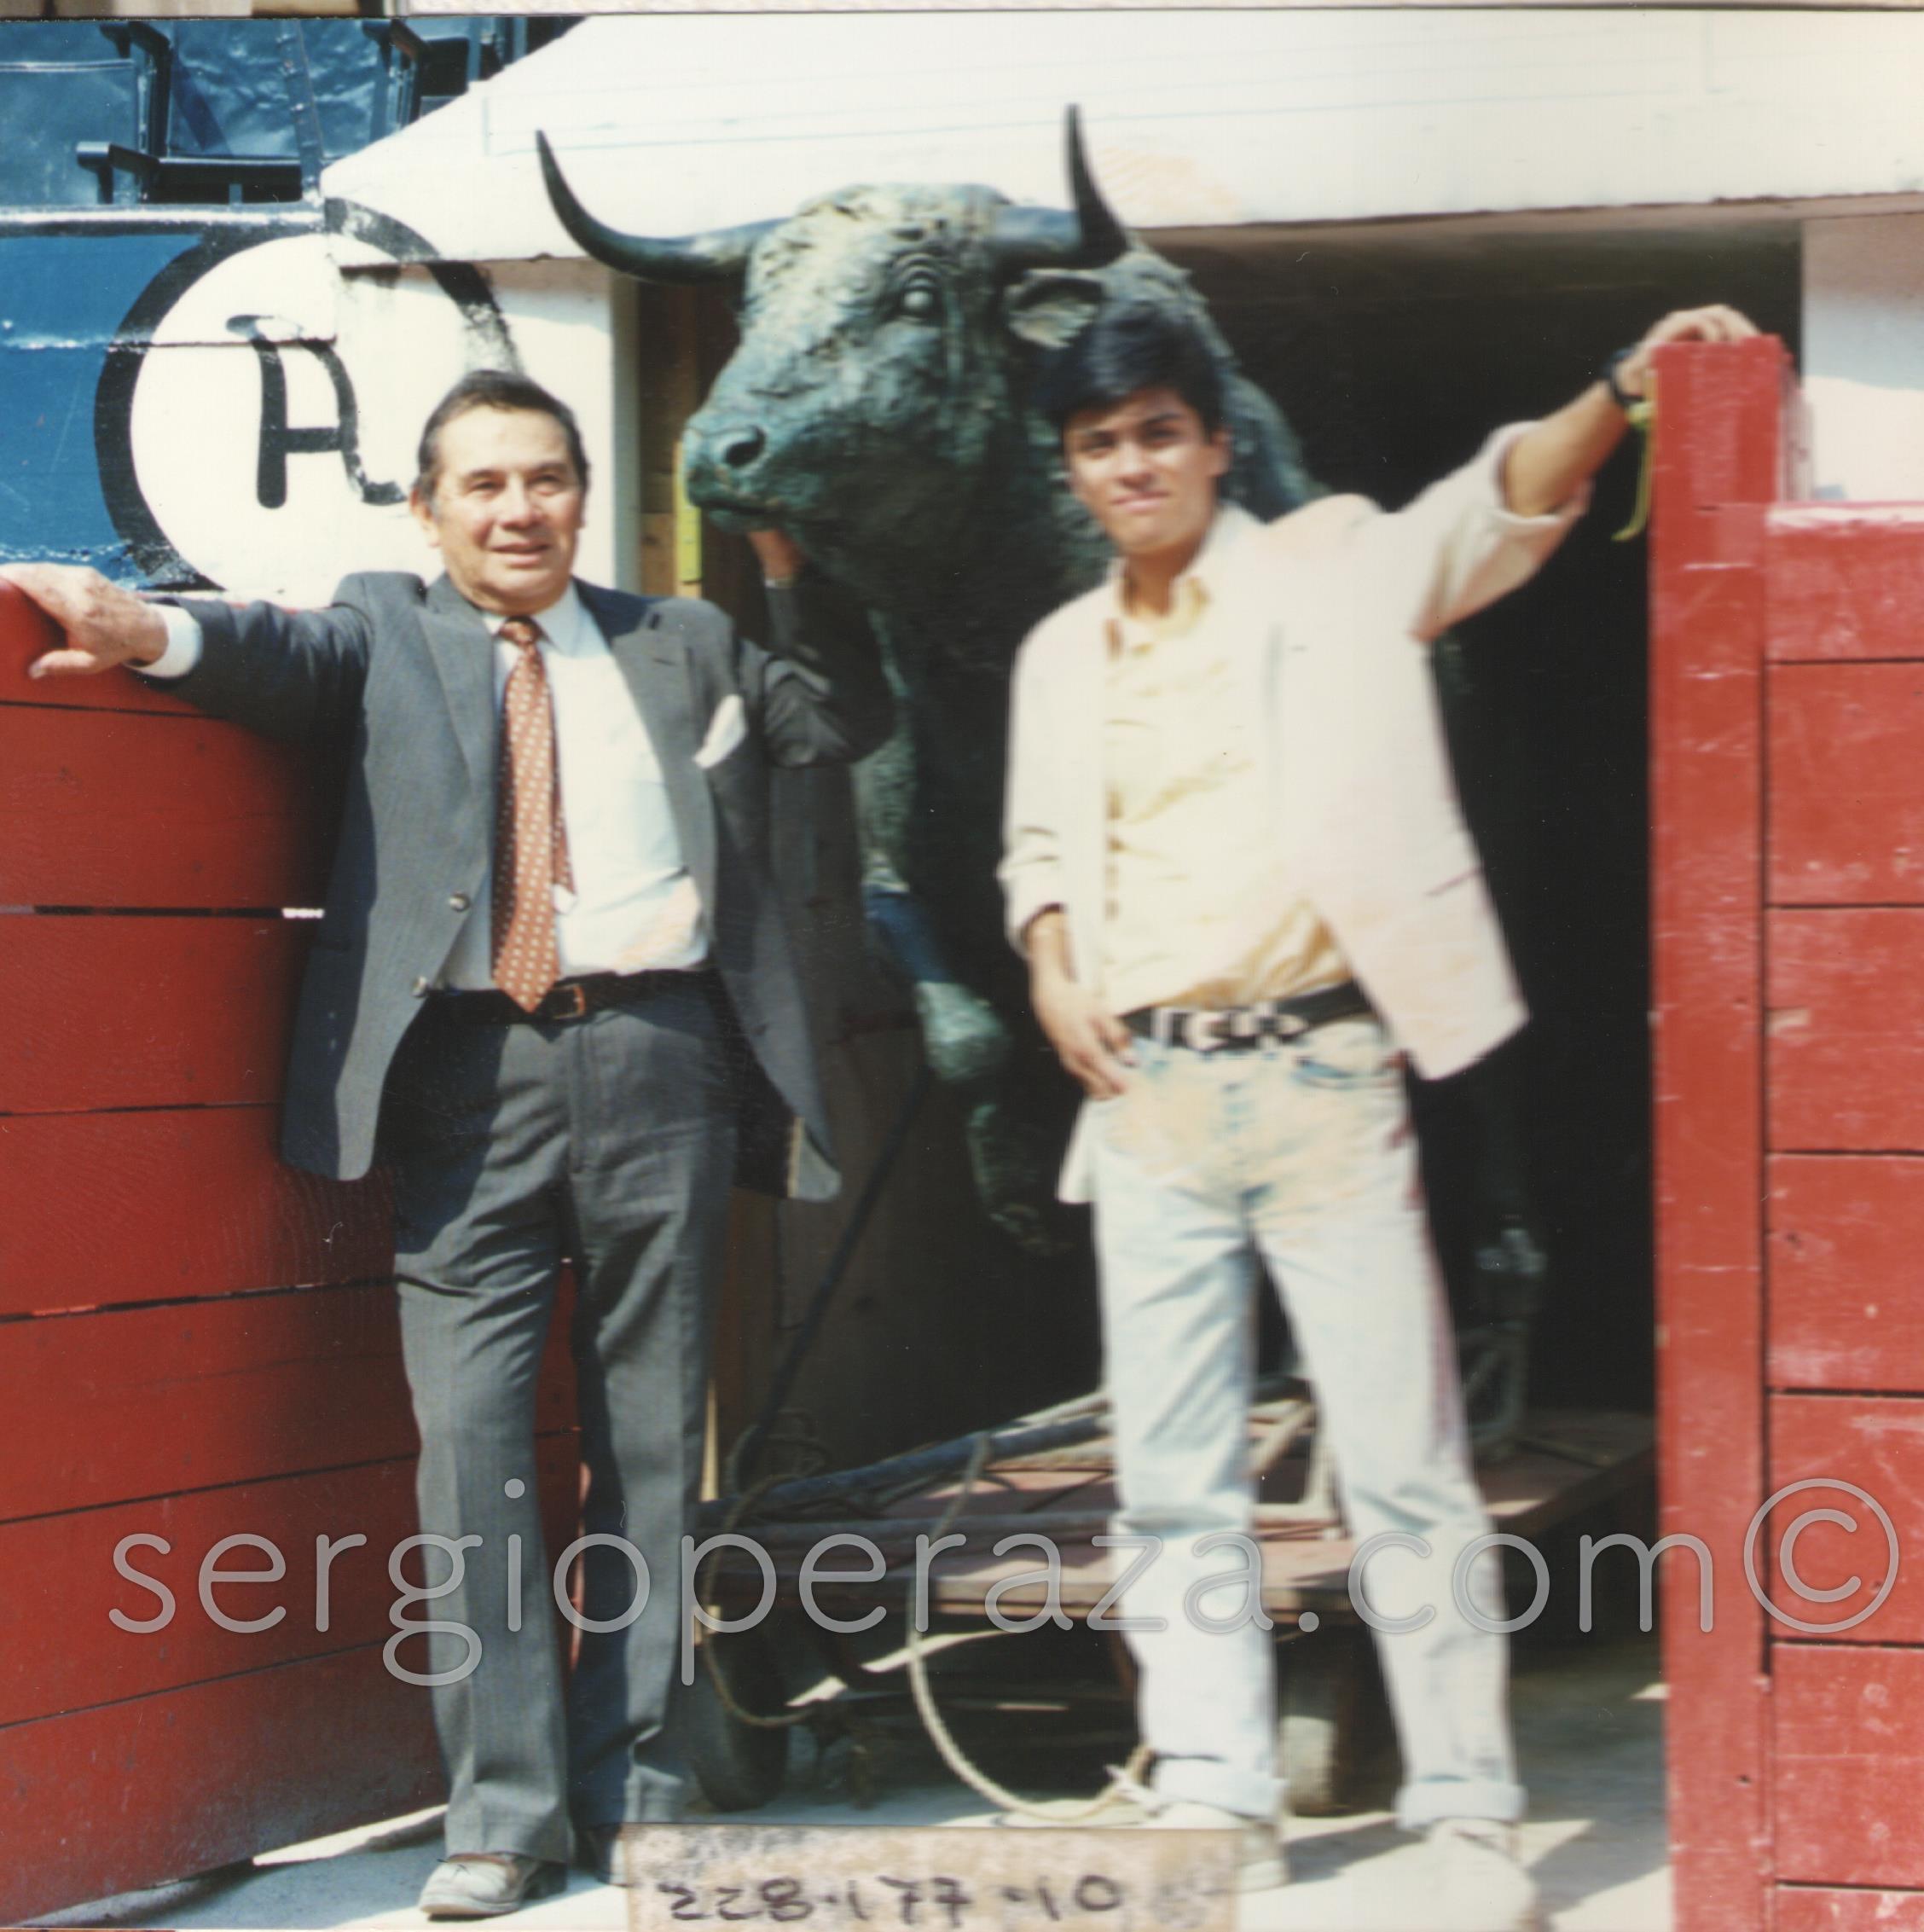 La Puerta de Los Sustos, Humberto Peraza Ojeda Y Sergio Peraza Avila 1994